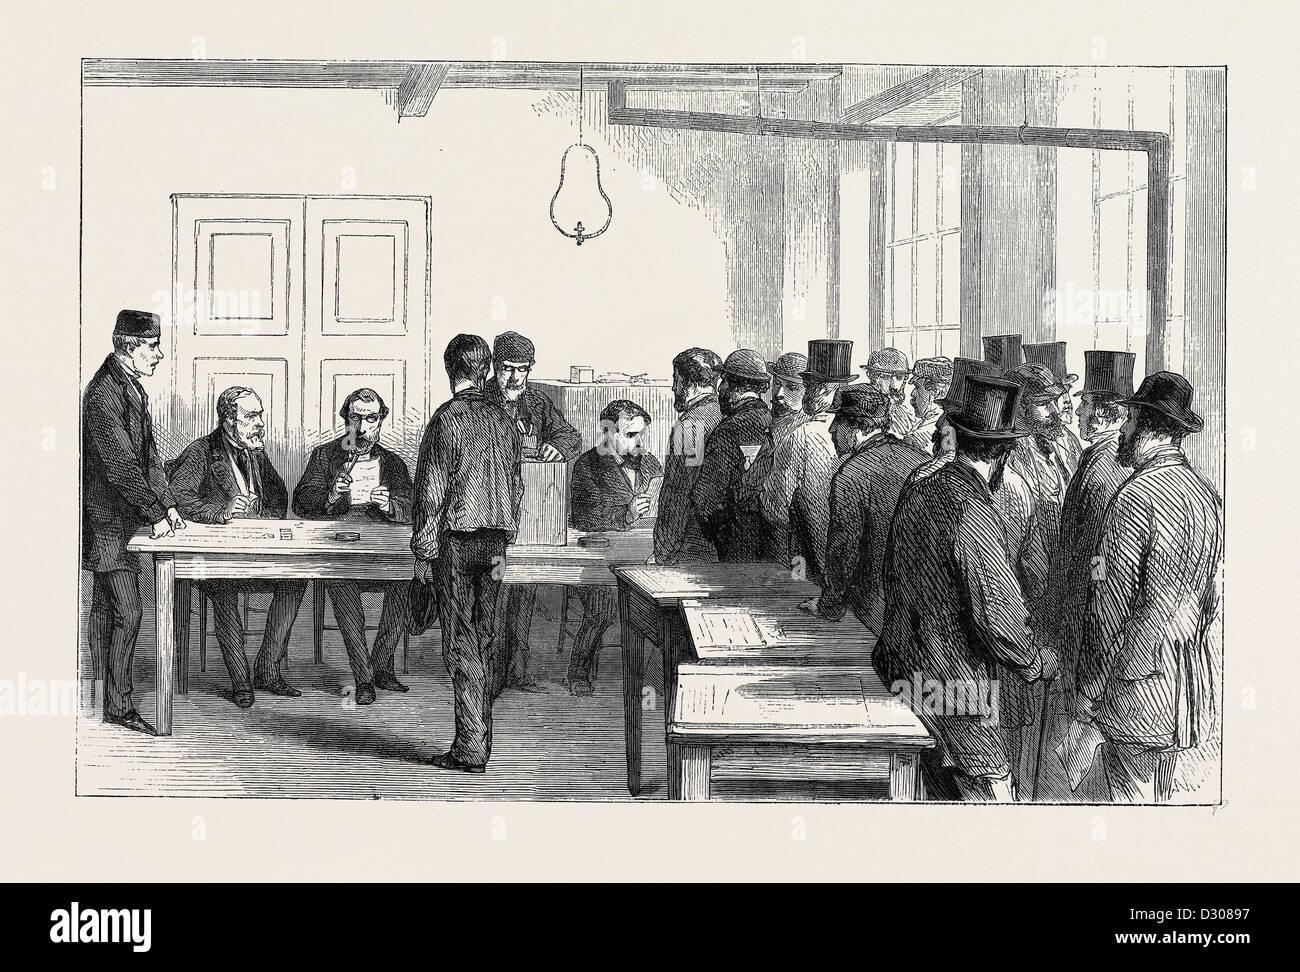 THE PLEBISCITUM. CIVILIANS VOTING, 1870 - Stock Image